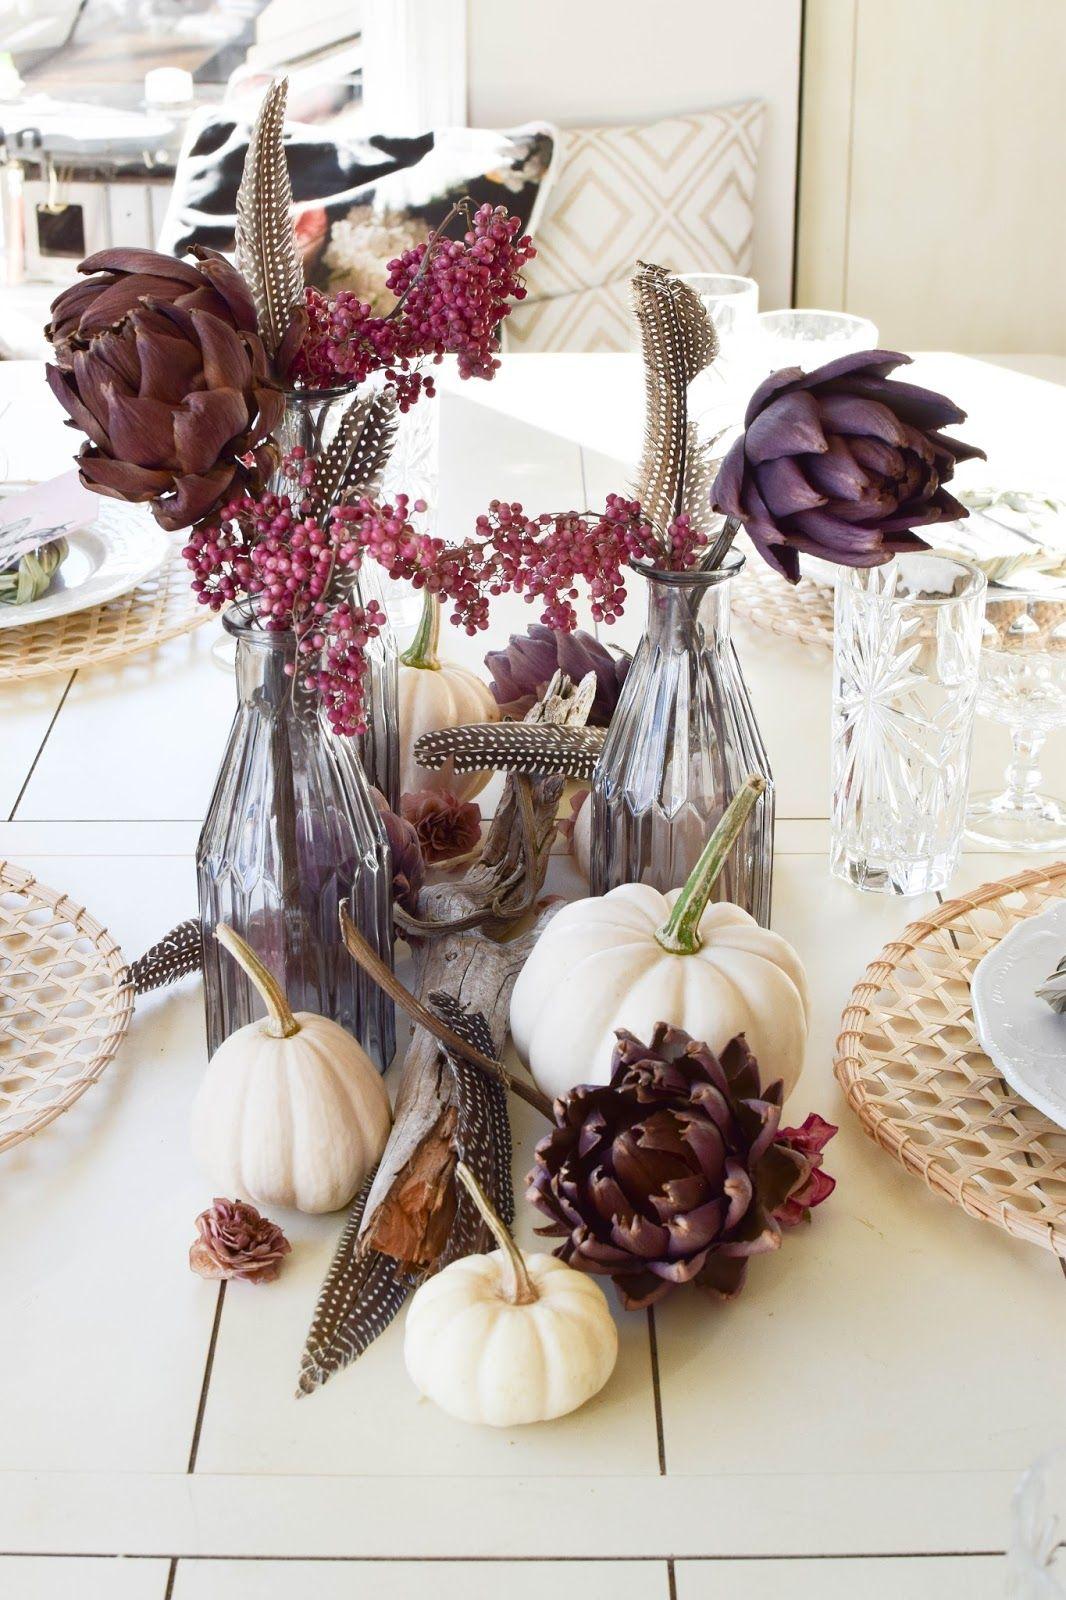 Tischdeko für den Herbst mit Kürbis, Artischocken und Pfefferbeeren. Kreativ, frisch und schön! Kürbisdeko Herbstliche Deko, Herbstdeko Esszimmer Tisch Dekoration #tischdekoherbstesstisch